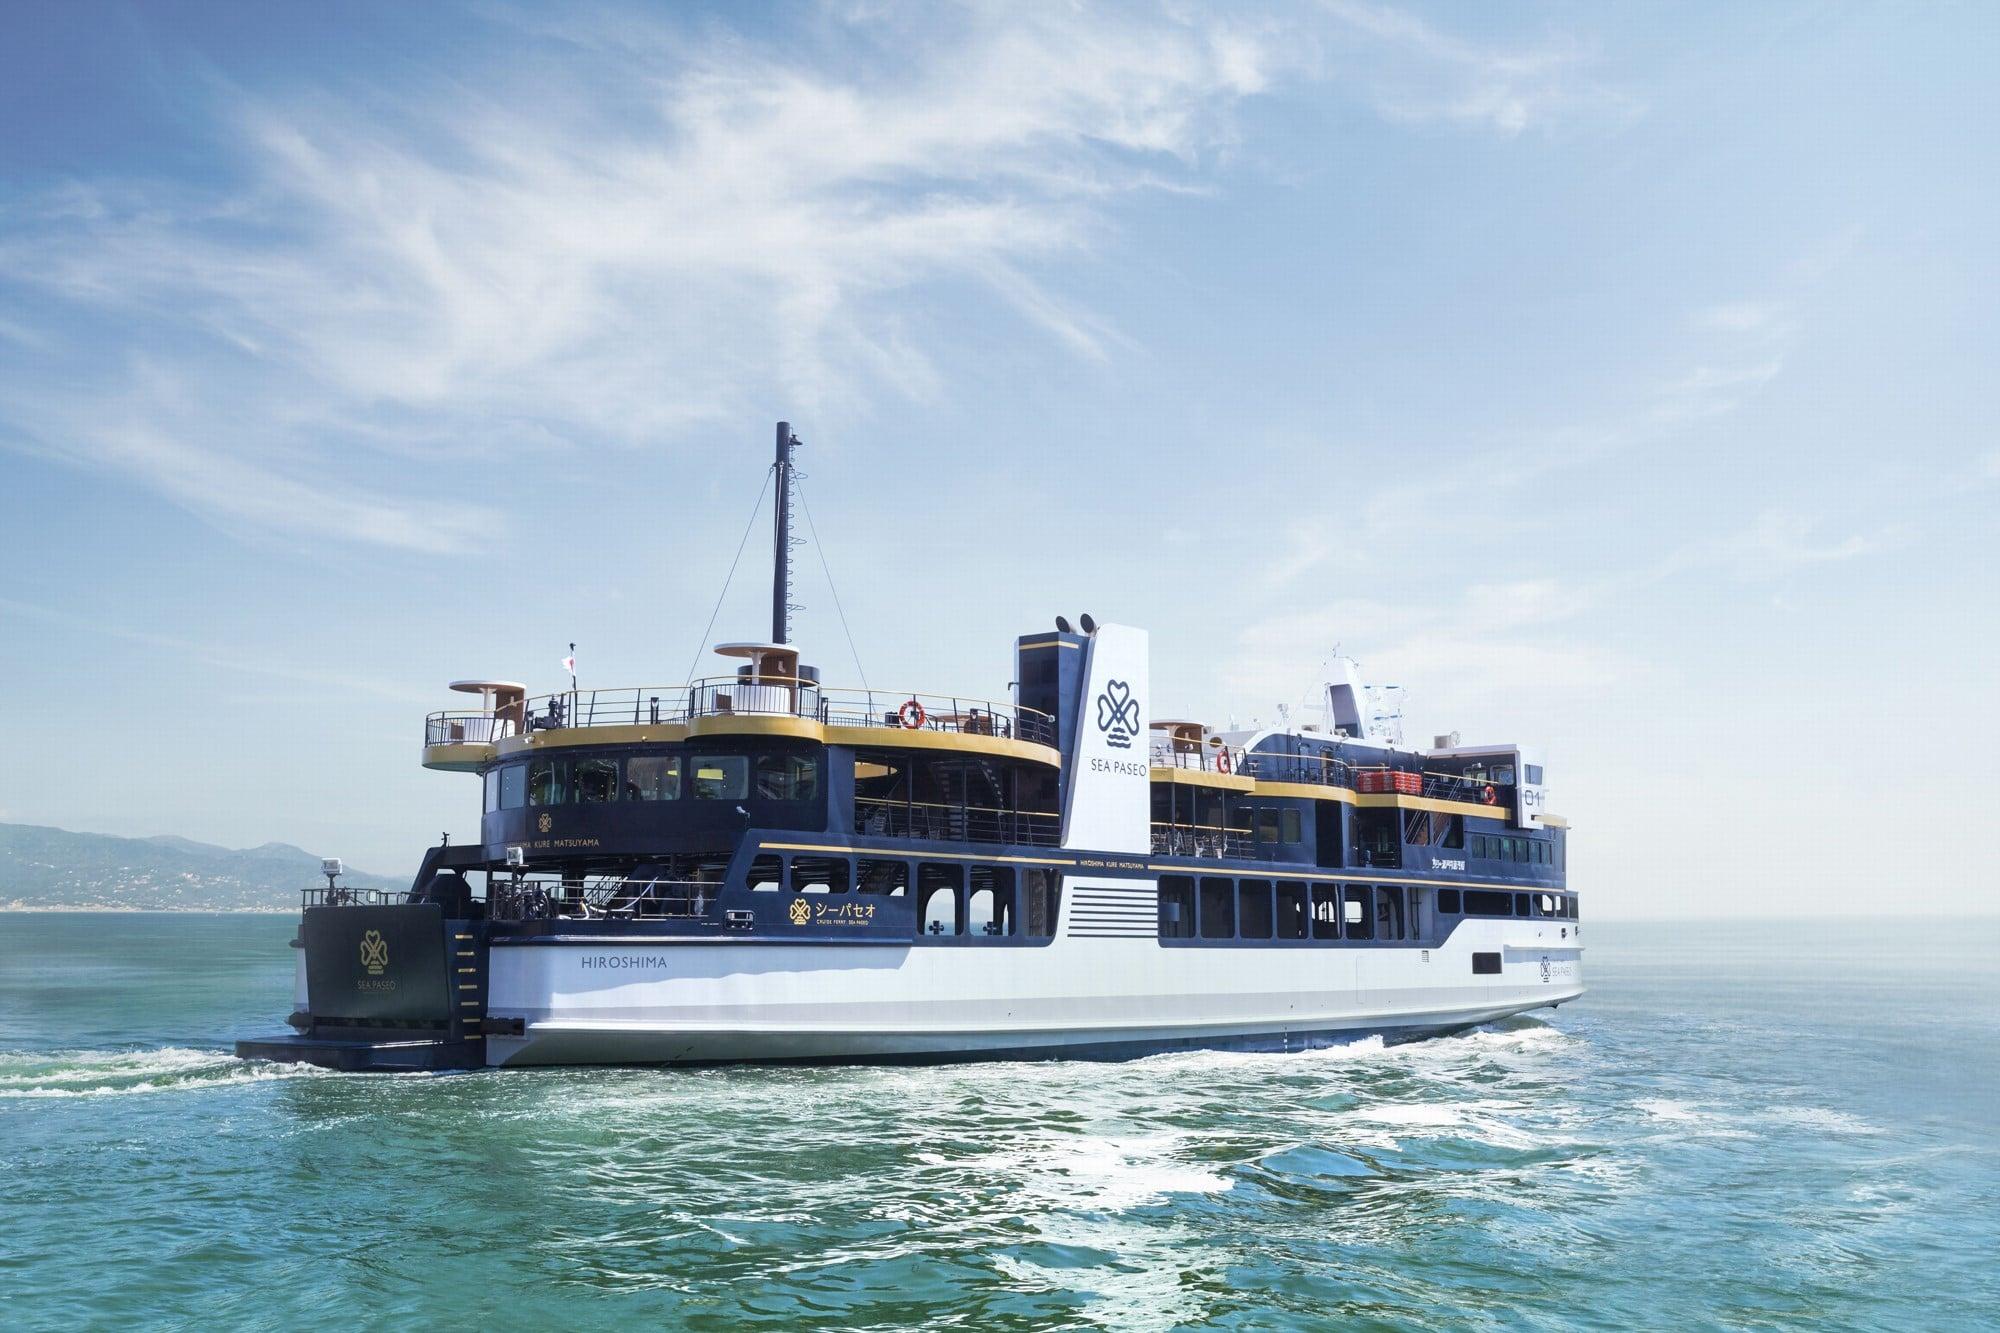 船尾席や屋外テラス席も備えた海の移動を楽しむコンセプトを形にしたカーフェリー 「クルーズフェリー シーパセオ」